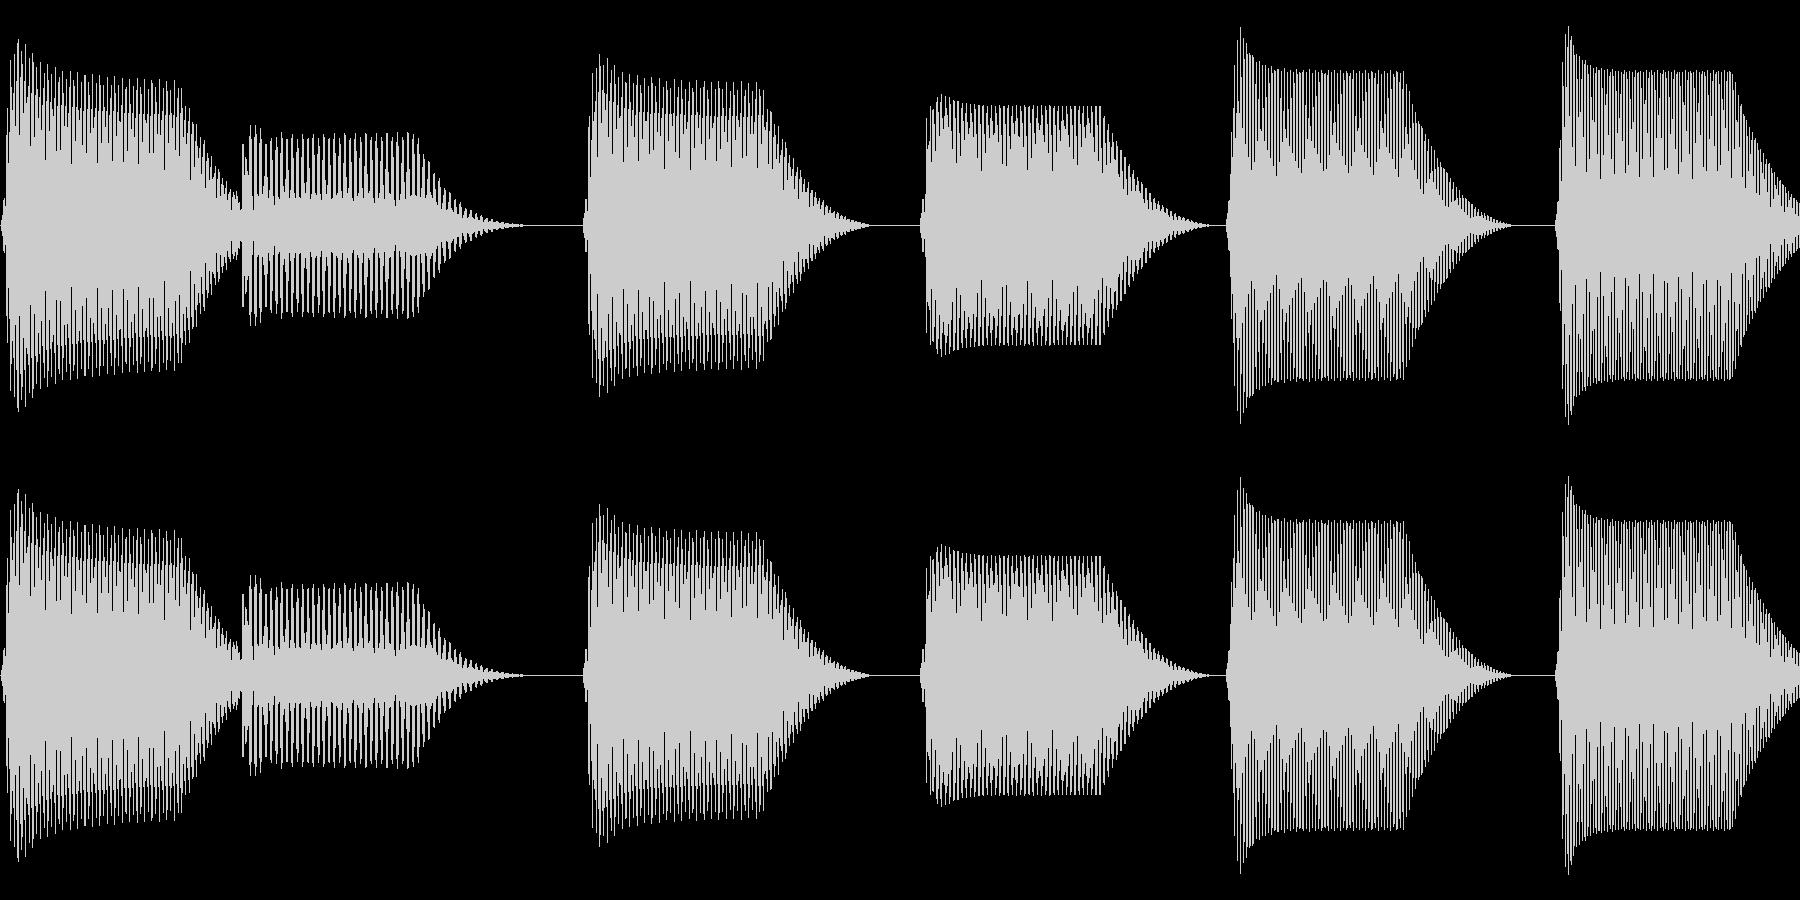 往年のRPG風 コマンド音 シリーズ 6の未再生の波形